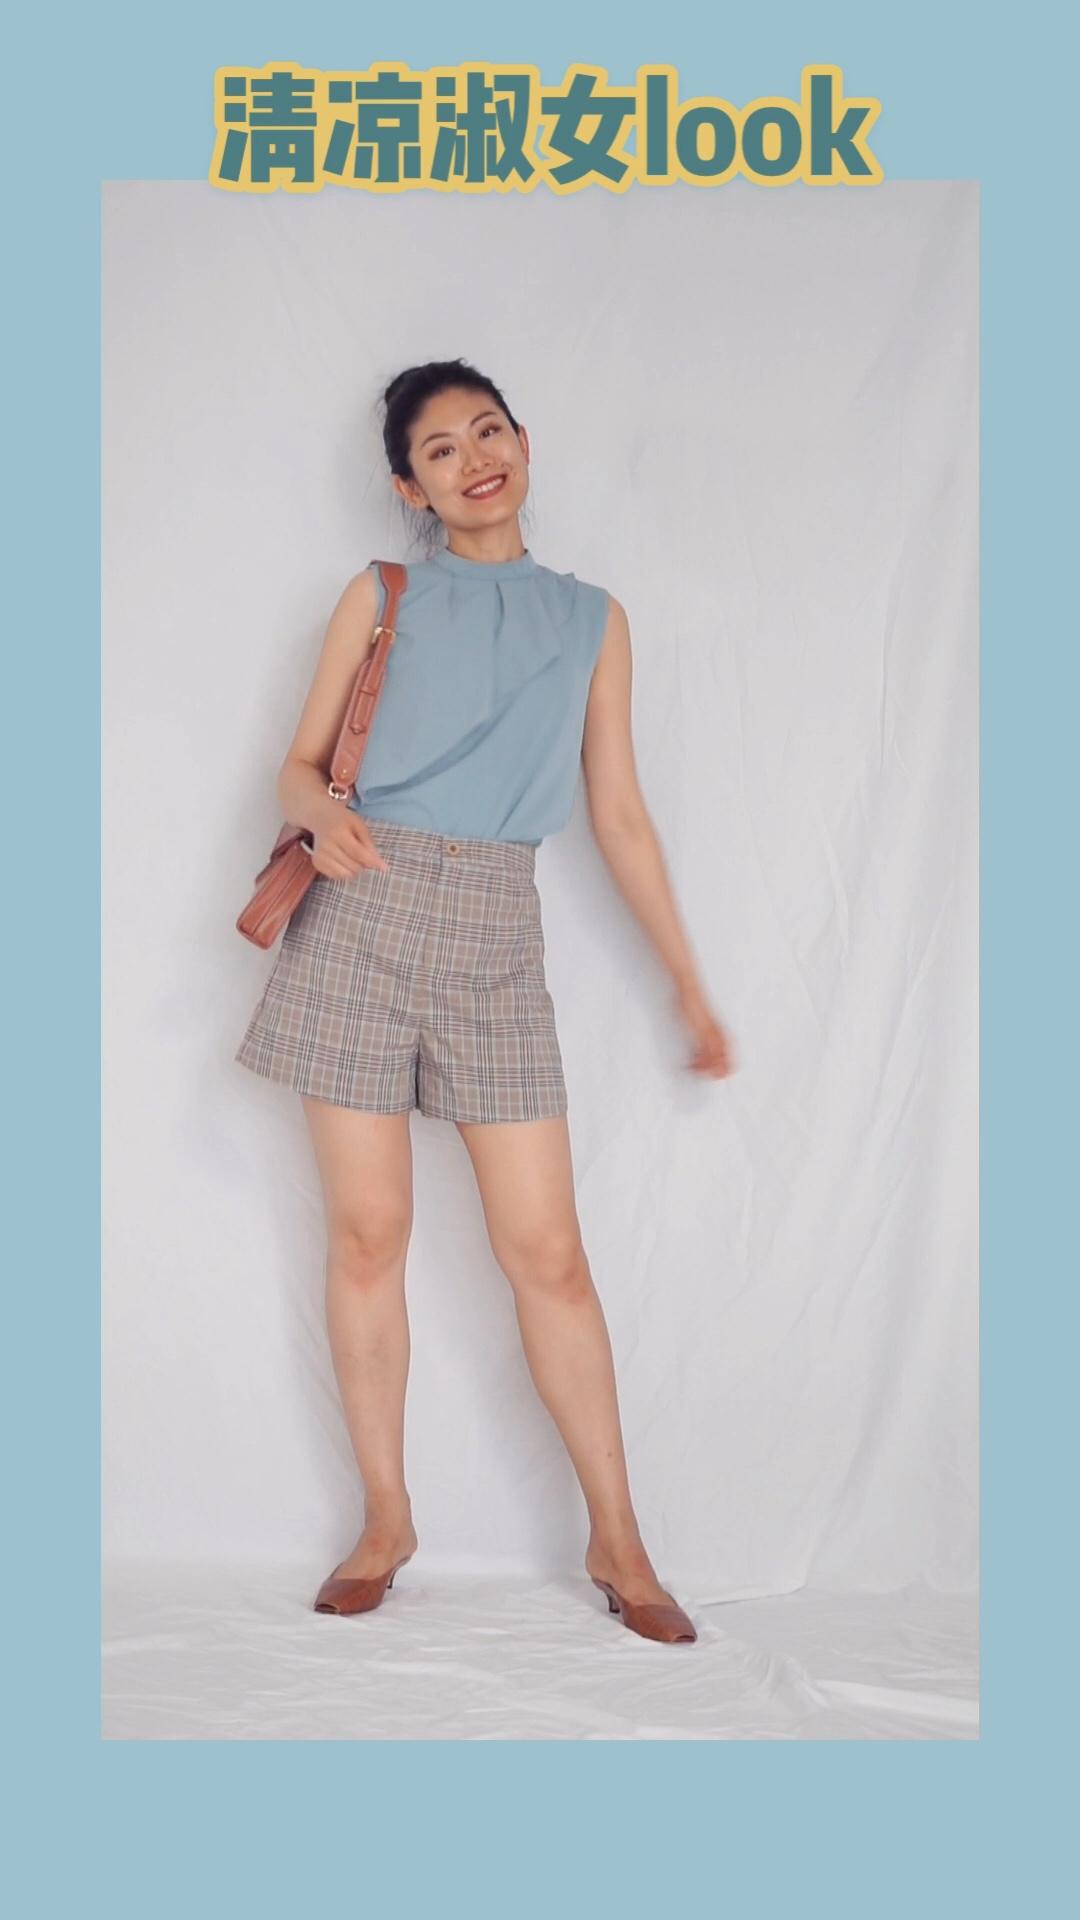 #小性感!是我夏天的关键词#浅蓝色看起来自带降温效果~ 搭配高腰短裤,两米大长腿立即拥有。包包和鞋子同色系可以看起来更加有整体感。